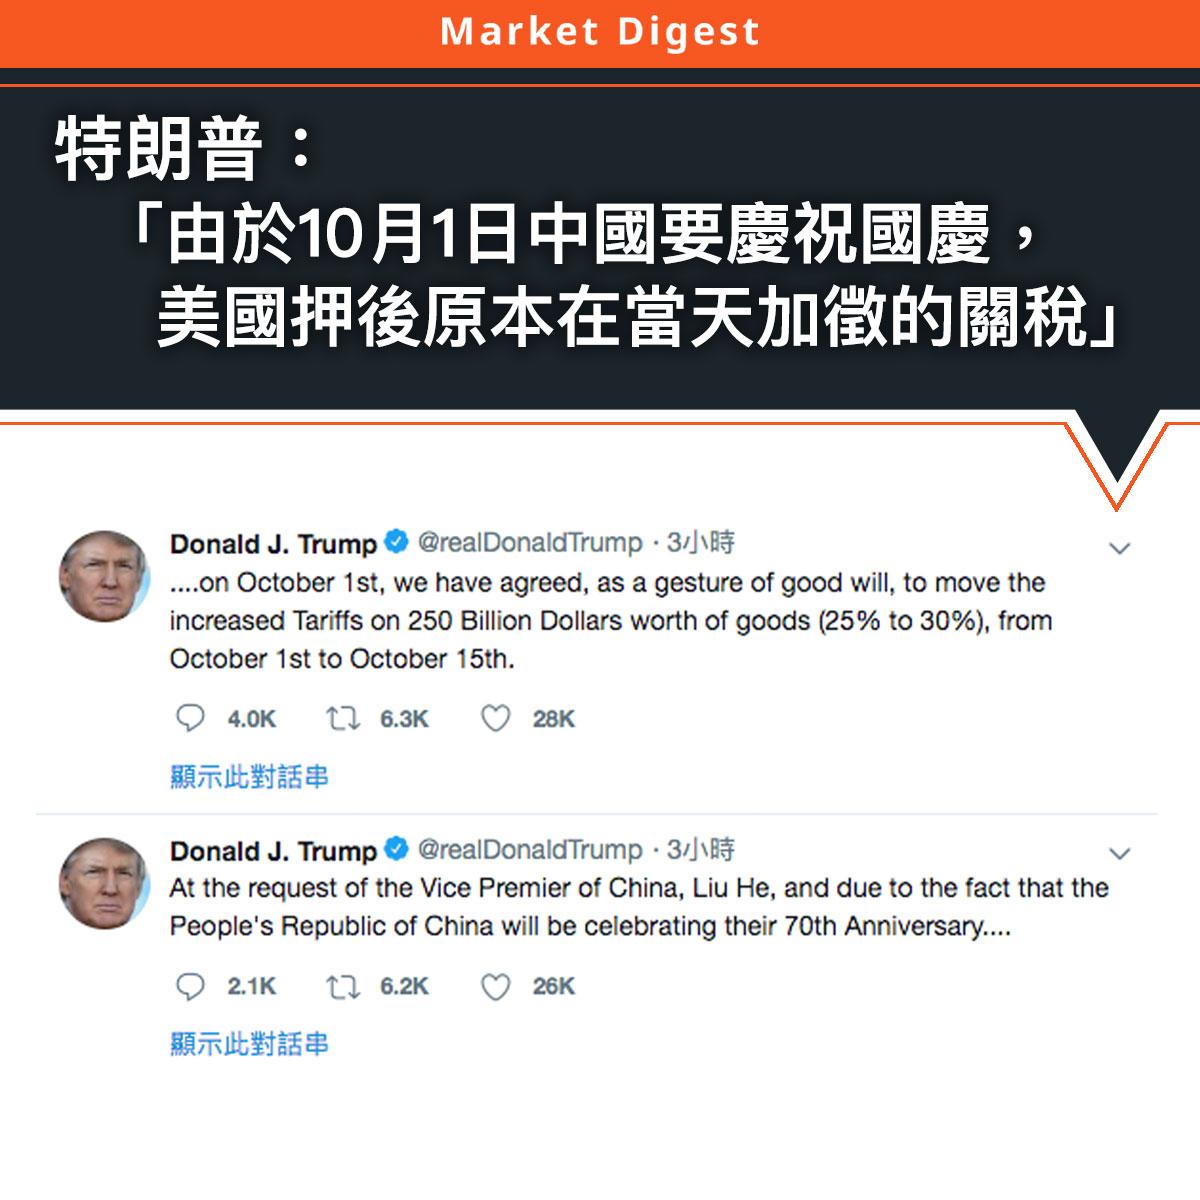 特朗普:「由於10月1日中國要慶祝國慶,美國押後原本在當天加徵的關稅」